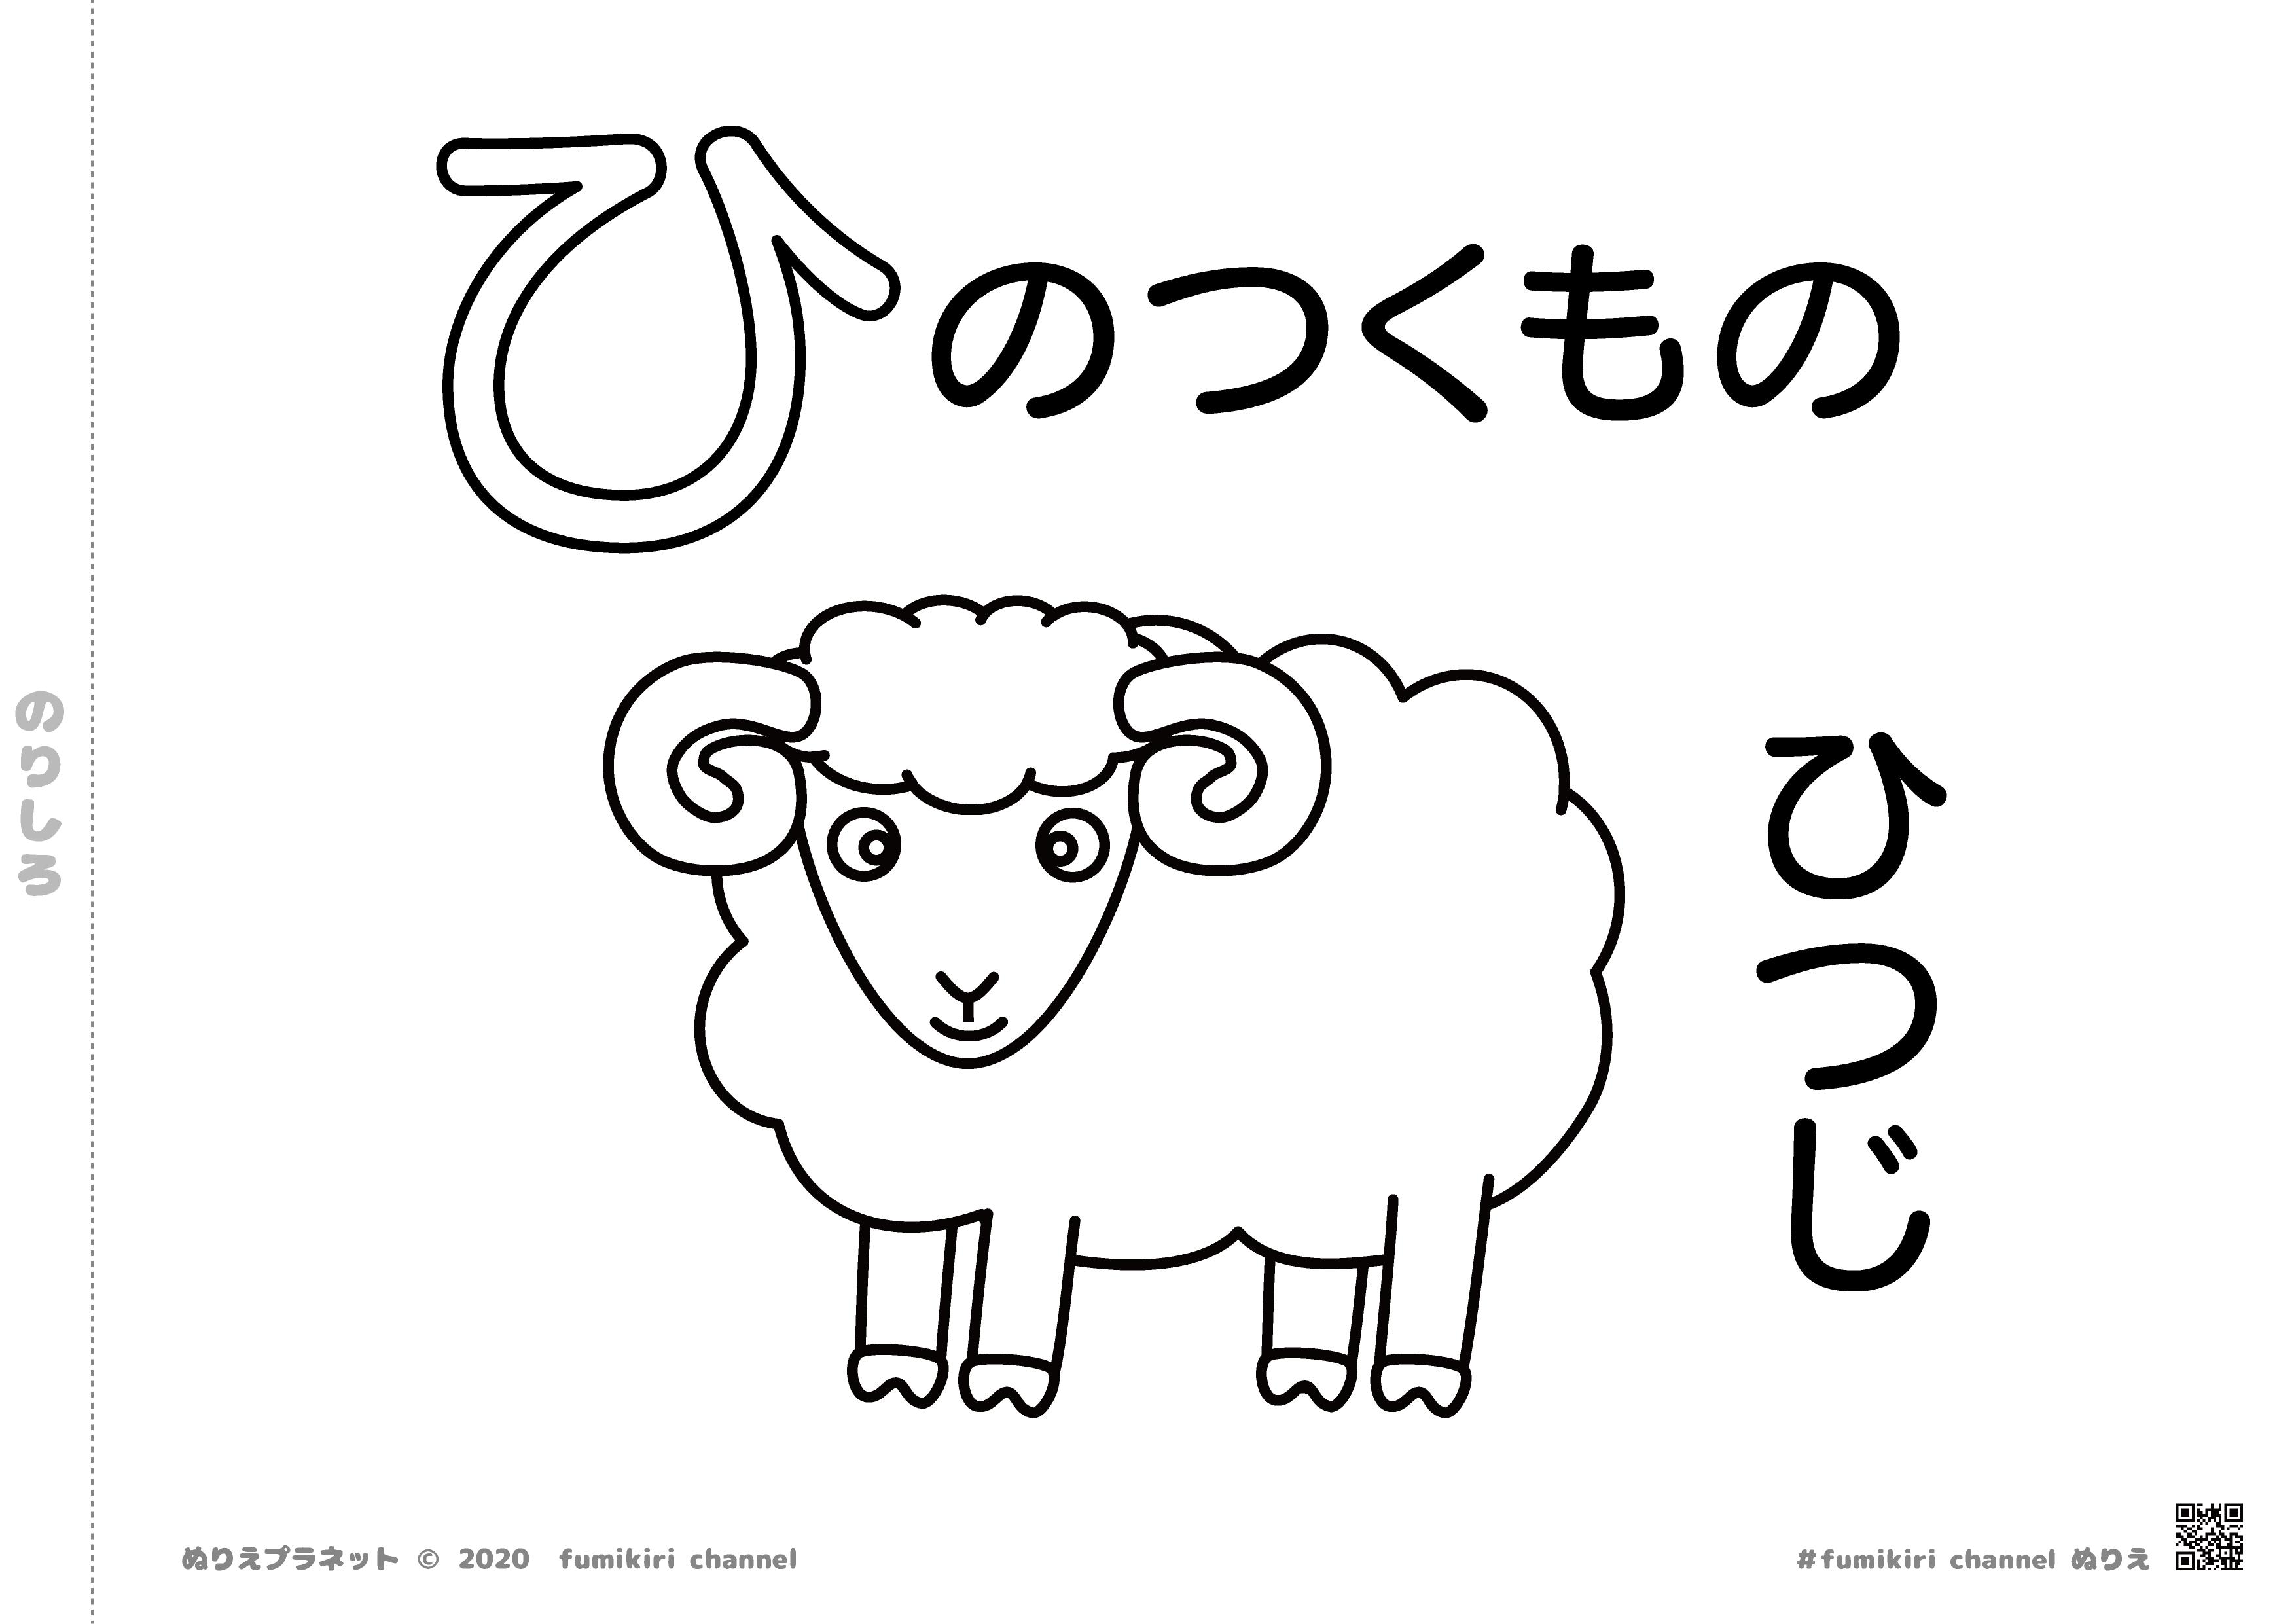 ふわふわの毛に覆われたかわいい「羊」の塗り絵です。